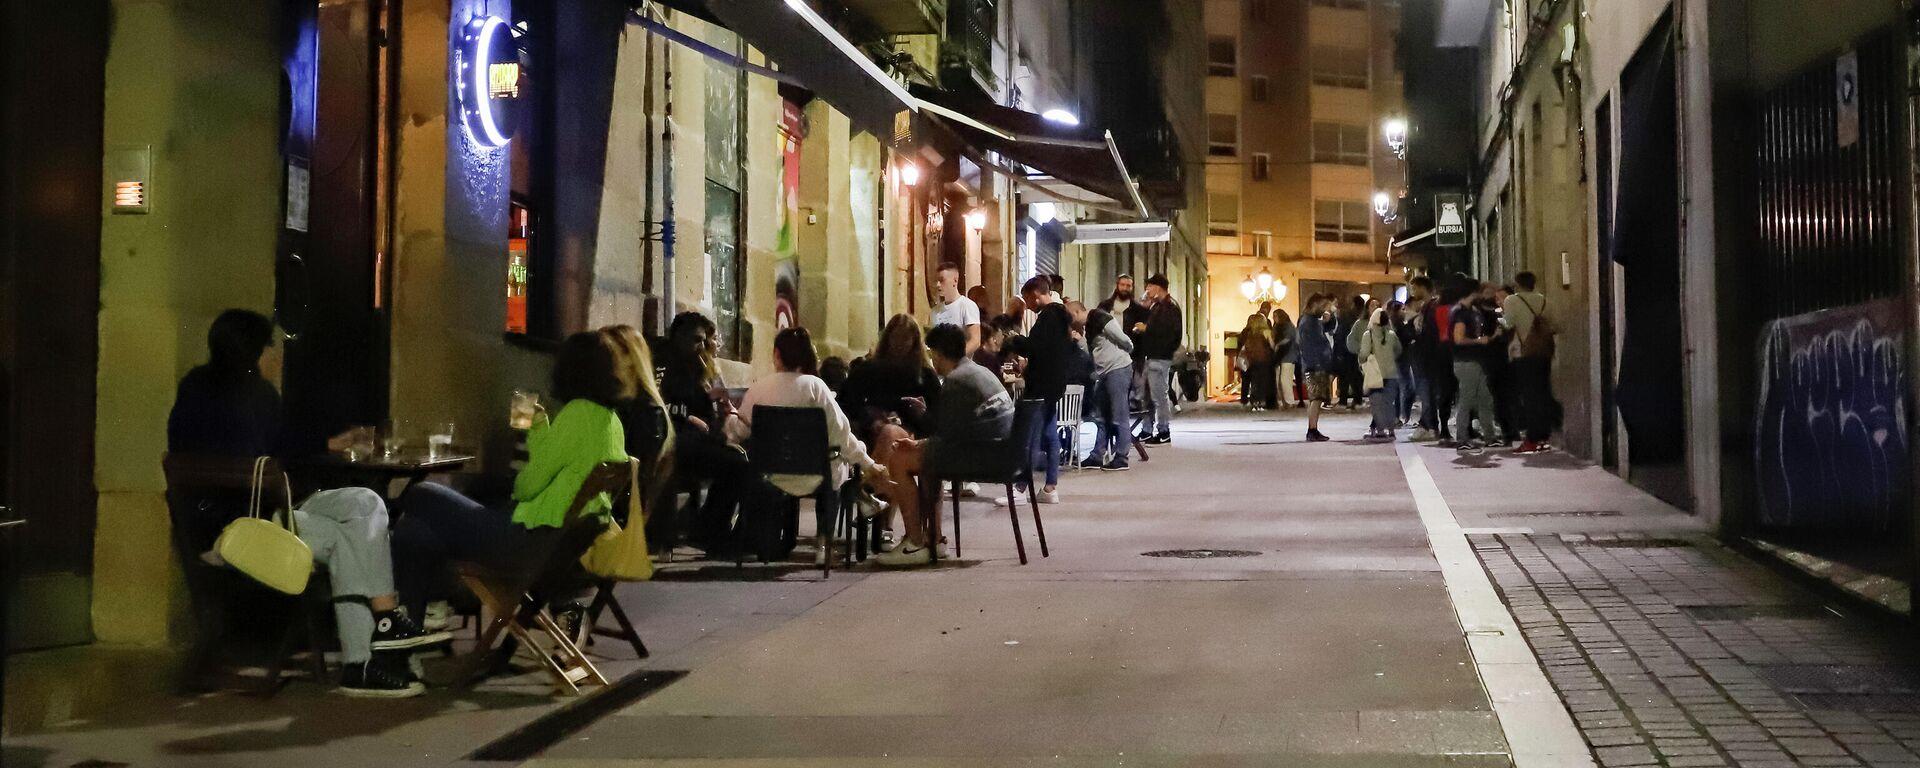 Cambian en Galicia las condiciones para acceder a bares y restaurantes - Sputnik Mundo, 1920, 21.07.2021